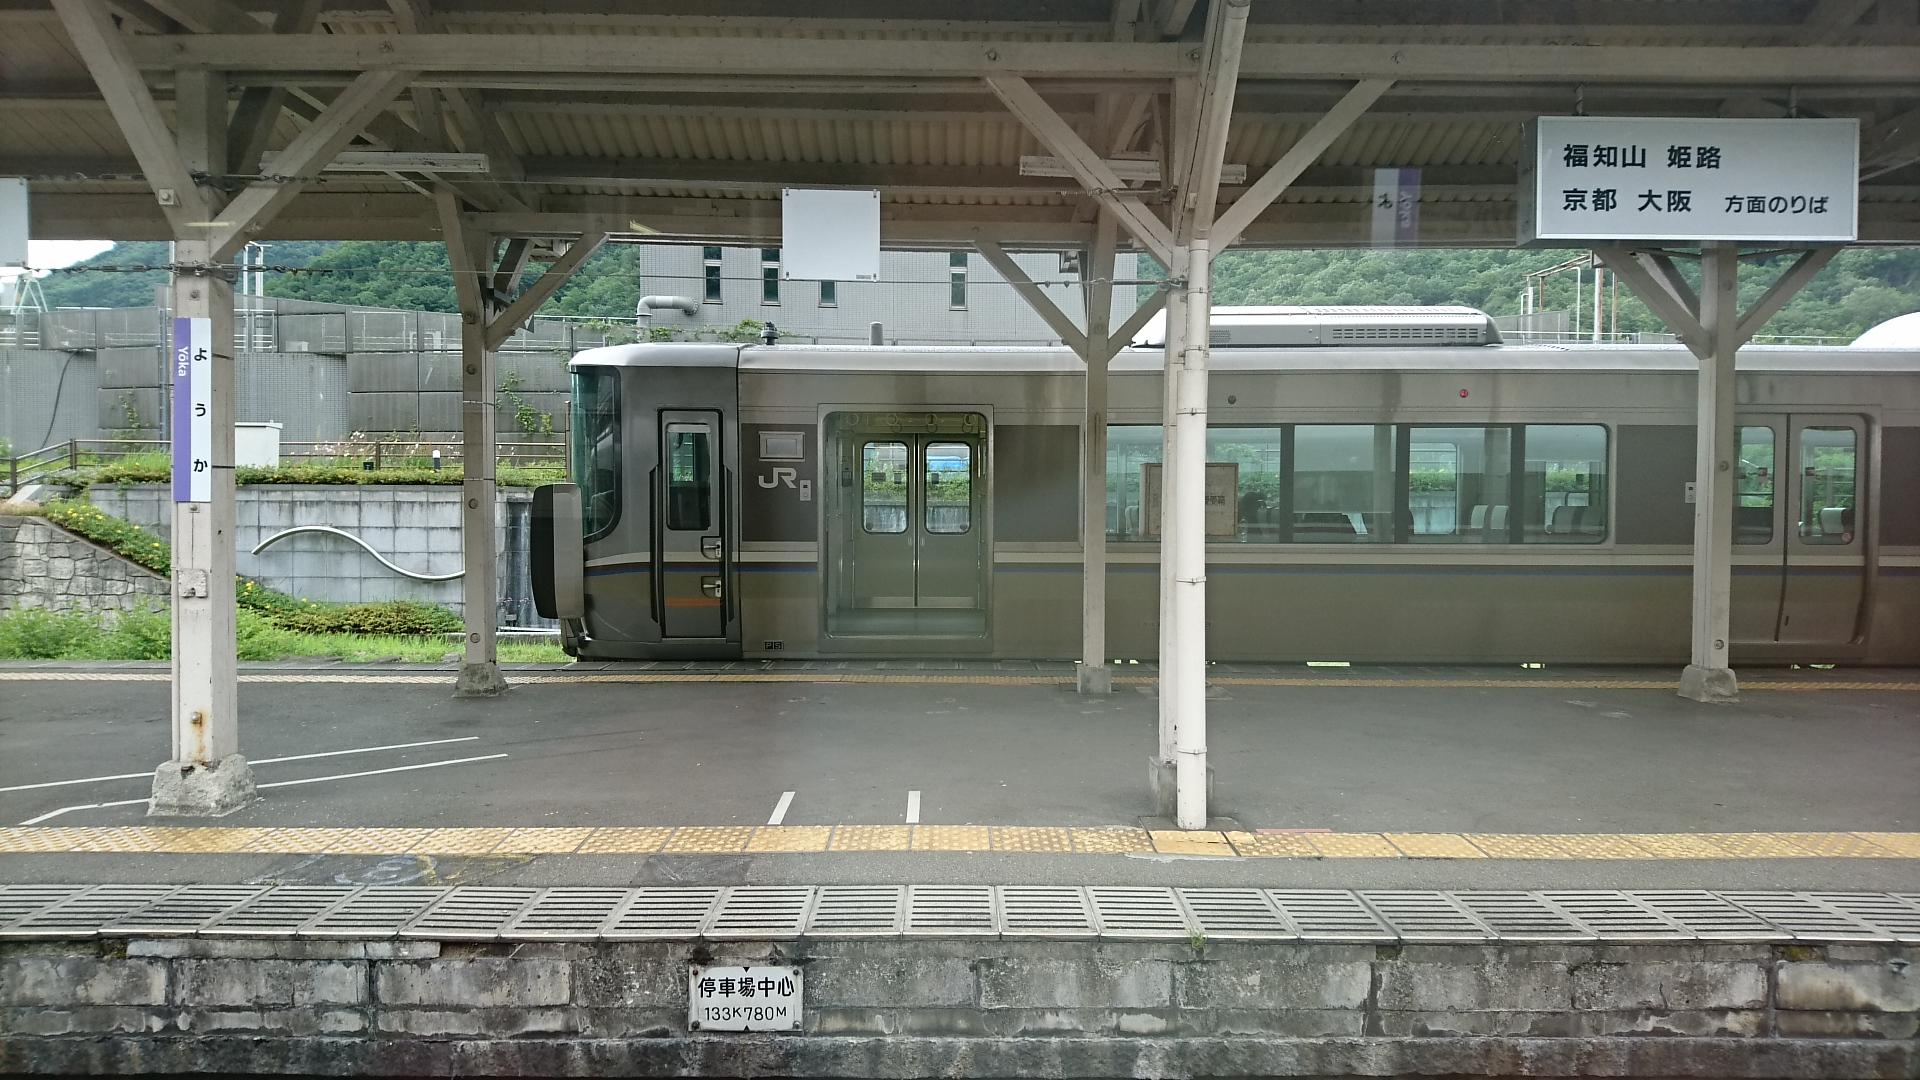 2017.6.3 豊岡 (54) こうのとり5号 - 八鹿 1920-1080